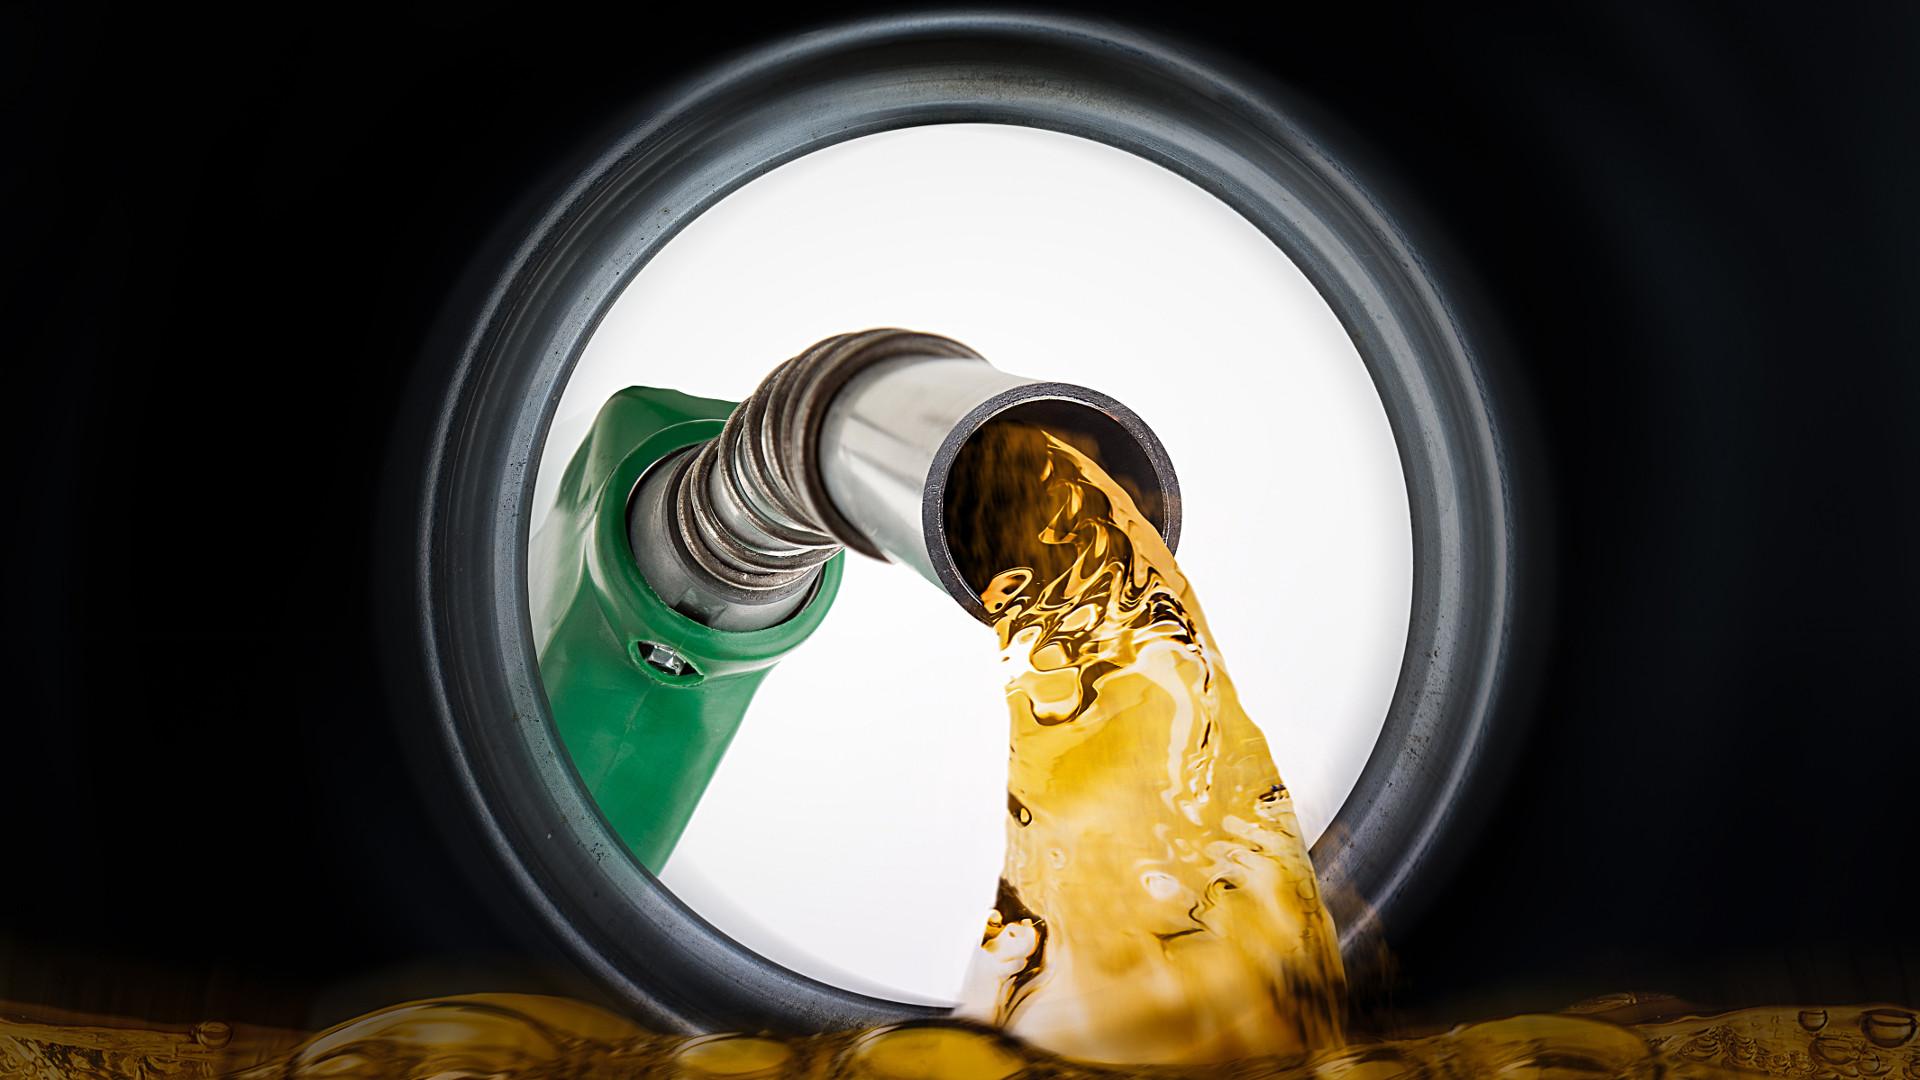 combustíveis, empresas do setor combustíveis, empresas do segmento combustíveis, setor combustíveis, segmento combustíveis, economia, macroeconomia